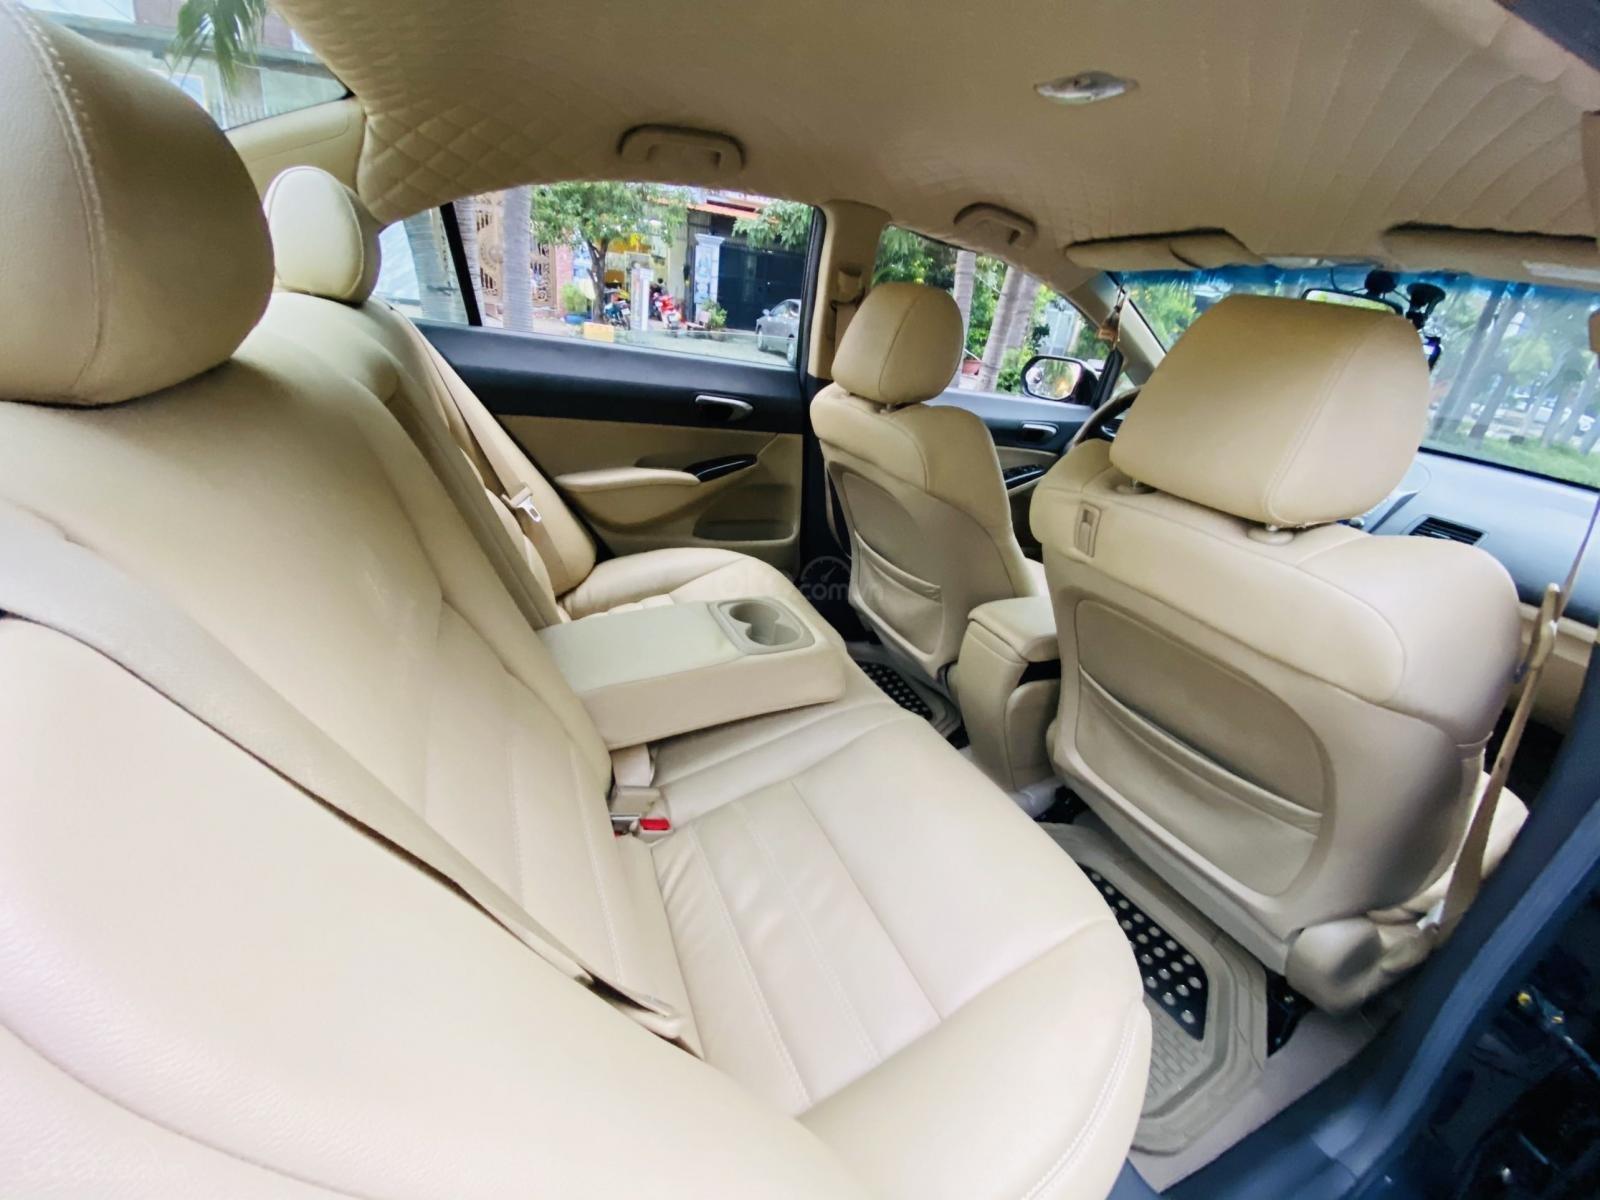 Bán xe Honda Civic đời 2009, màu đen. Xe gia đình, giá 285 triệu đồng (7)